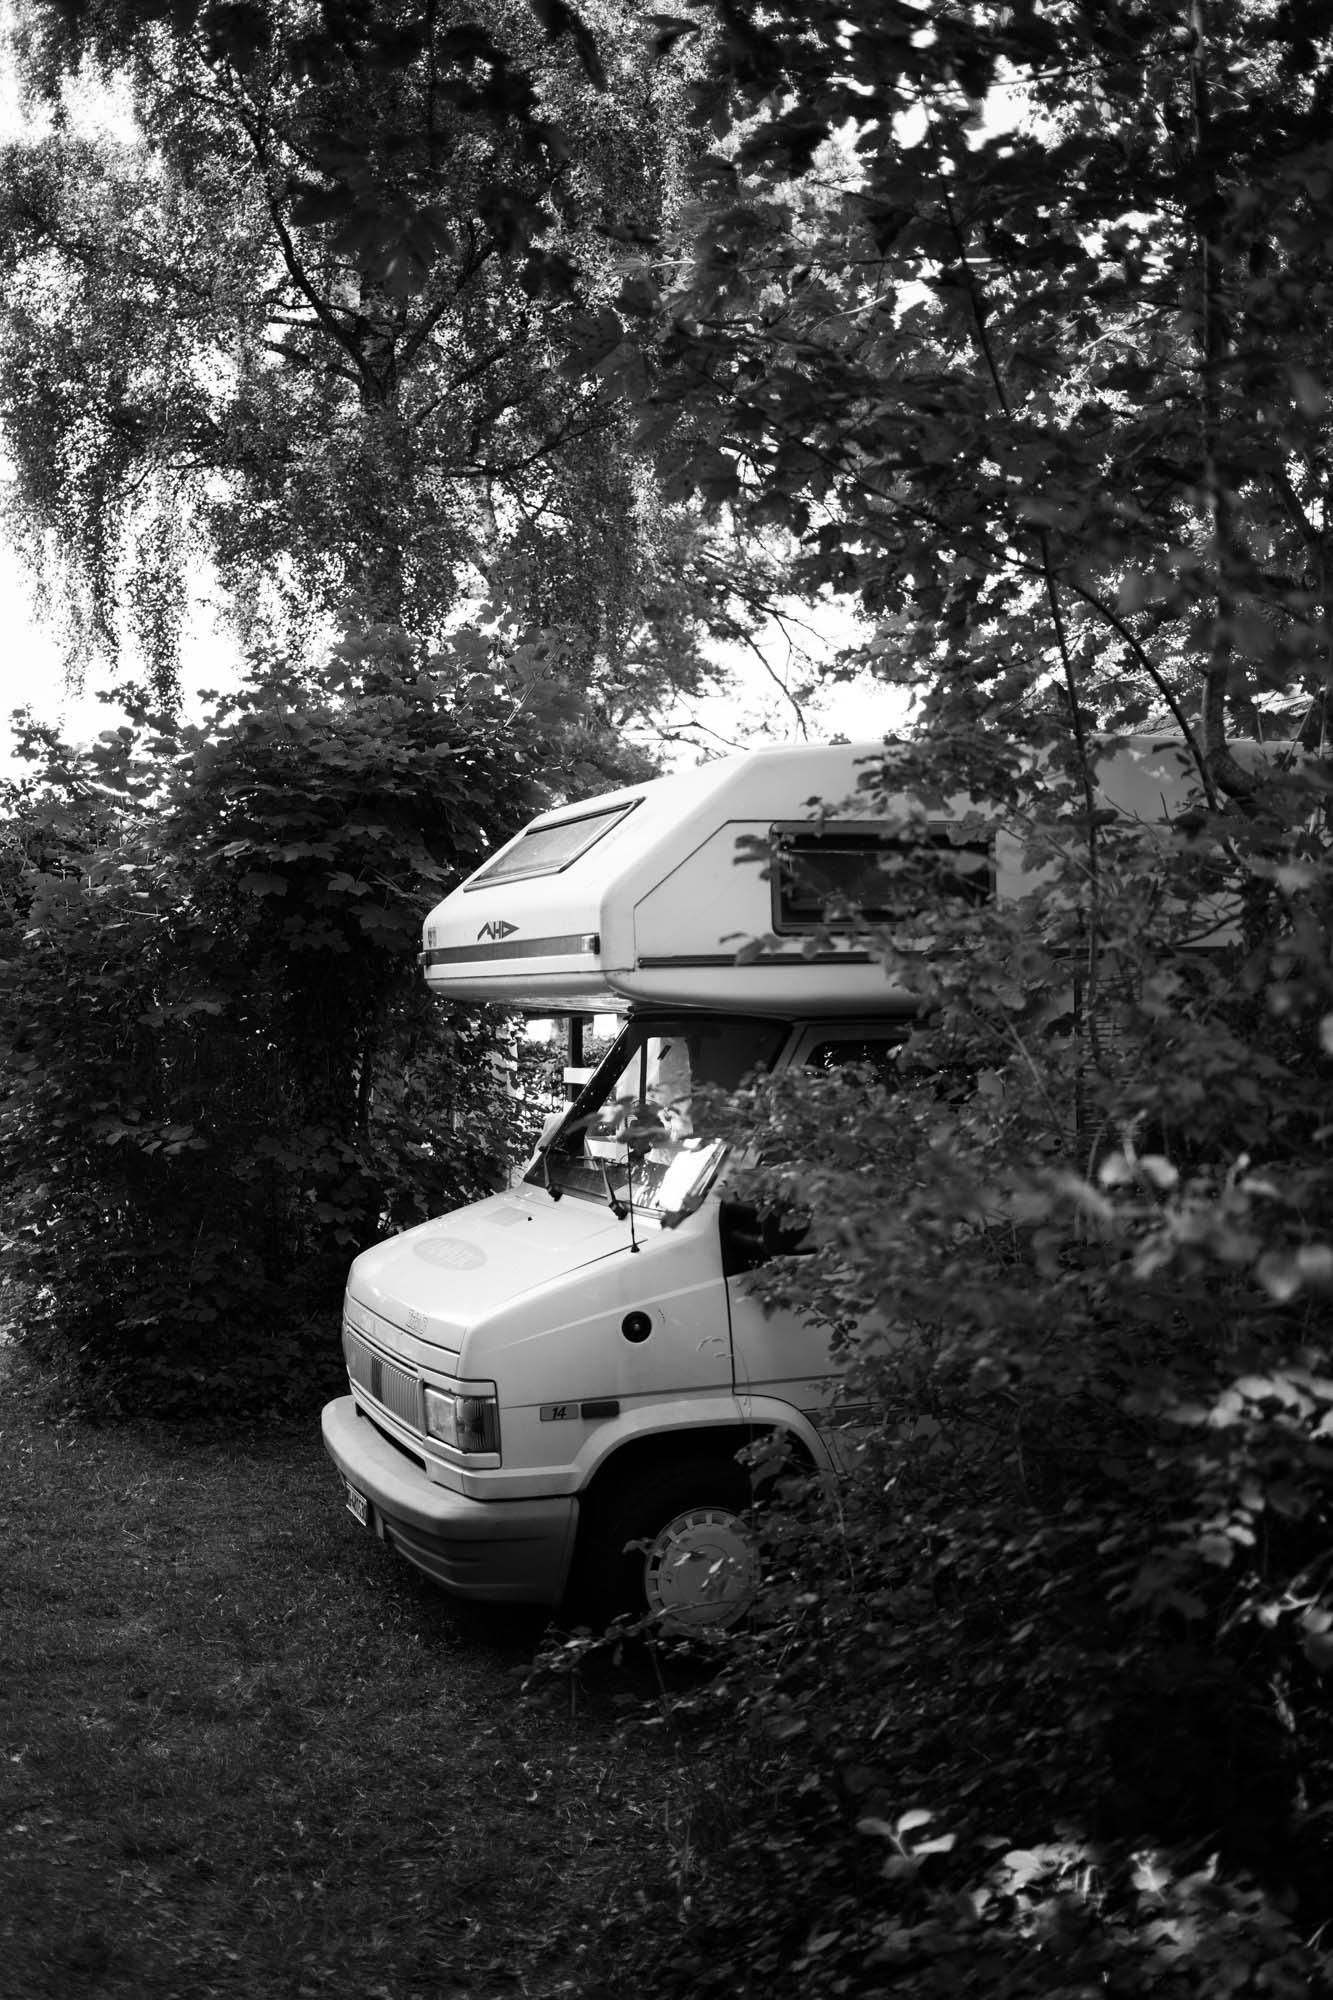 nouveau-monde-fribourg-suisse-photographe-pierre-yves-massot-2.jpg